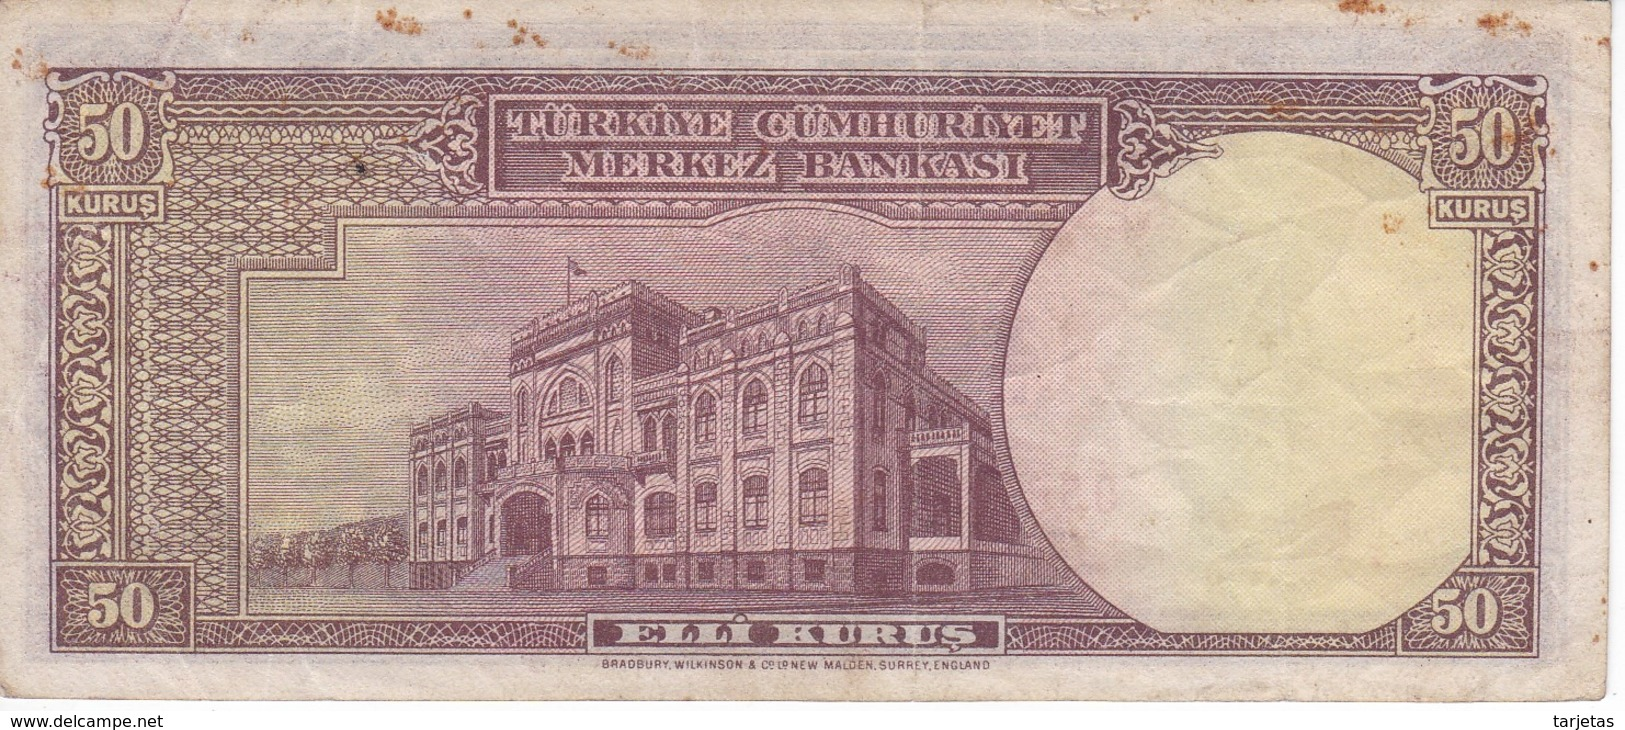 BILLETE DE TURQUIA DE 50 KURUS DEL AÑO 1930  (BANKNOTE) - Turchia